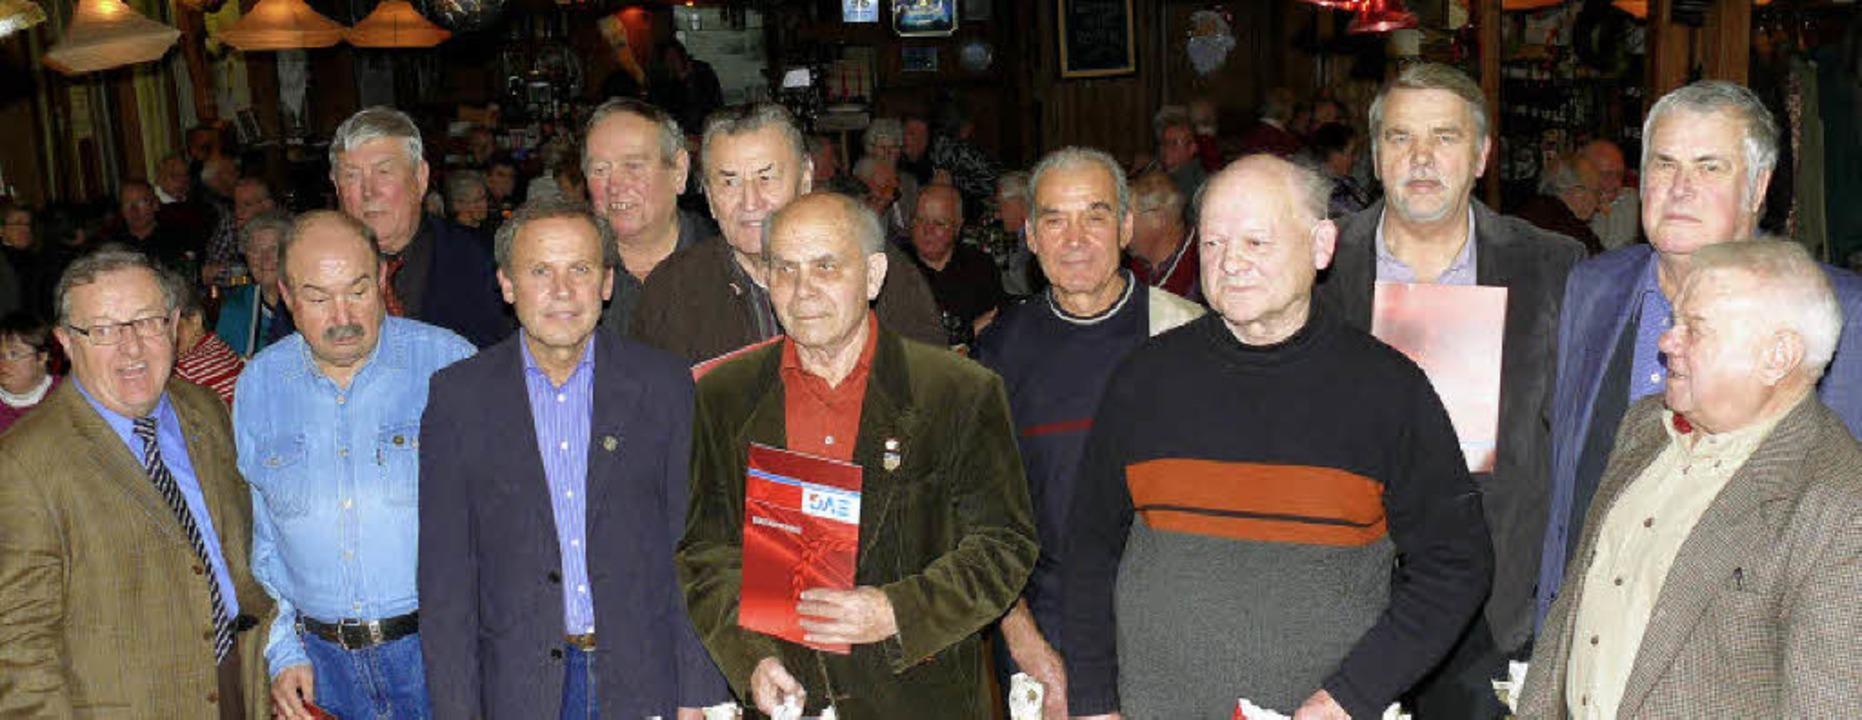 Seit langem solidarisch: (von links) V..., Pasquale Salvatore und  Kurt Goerke     Foto: frank leonhardt